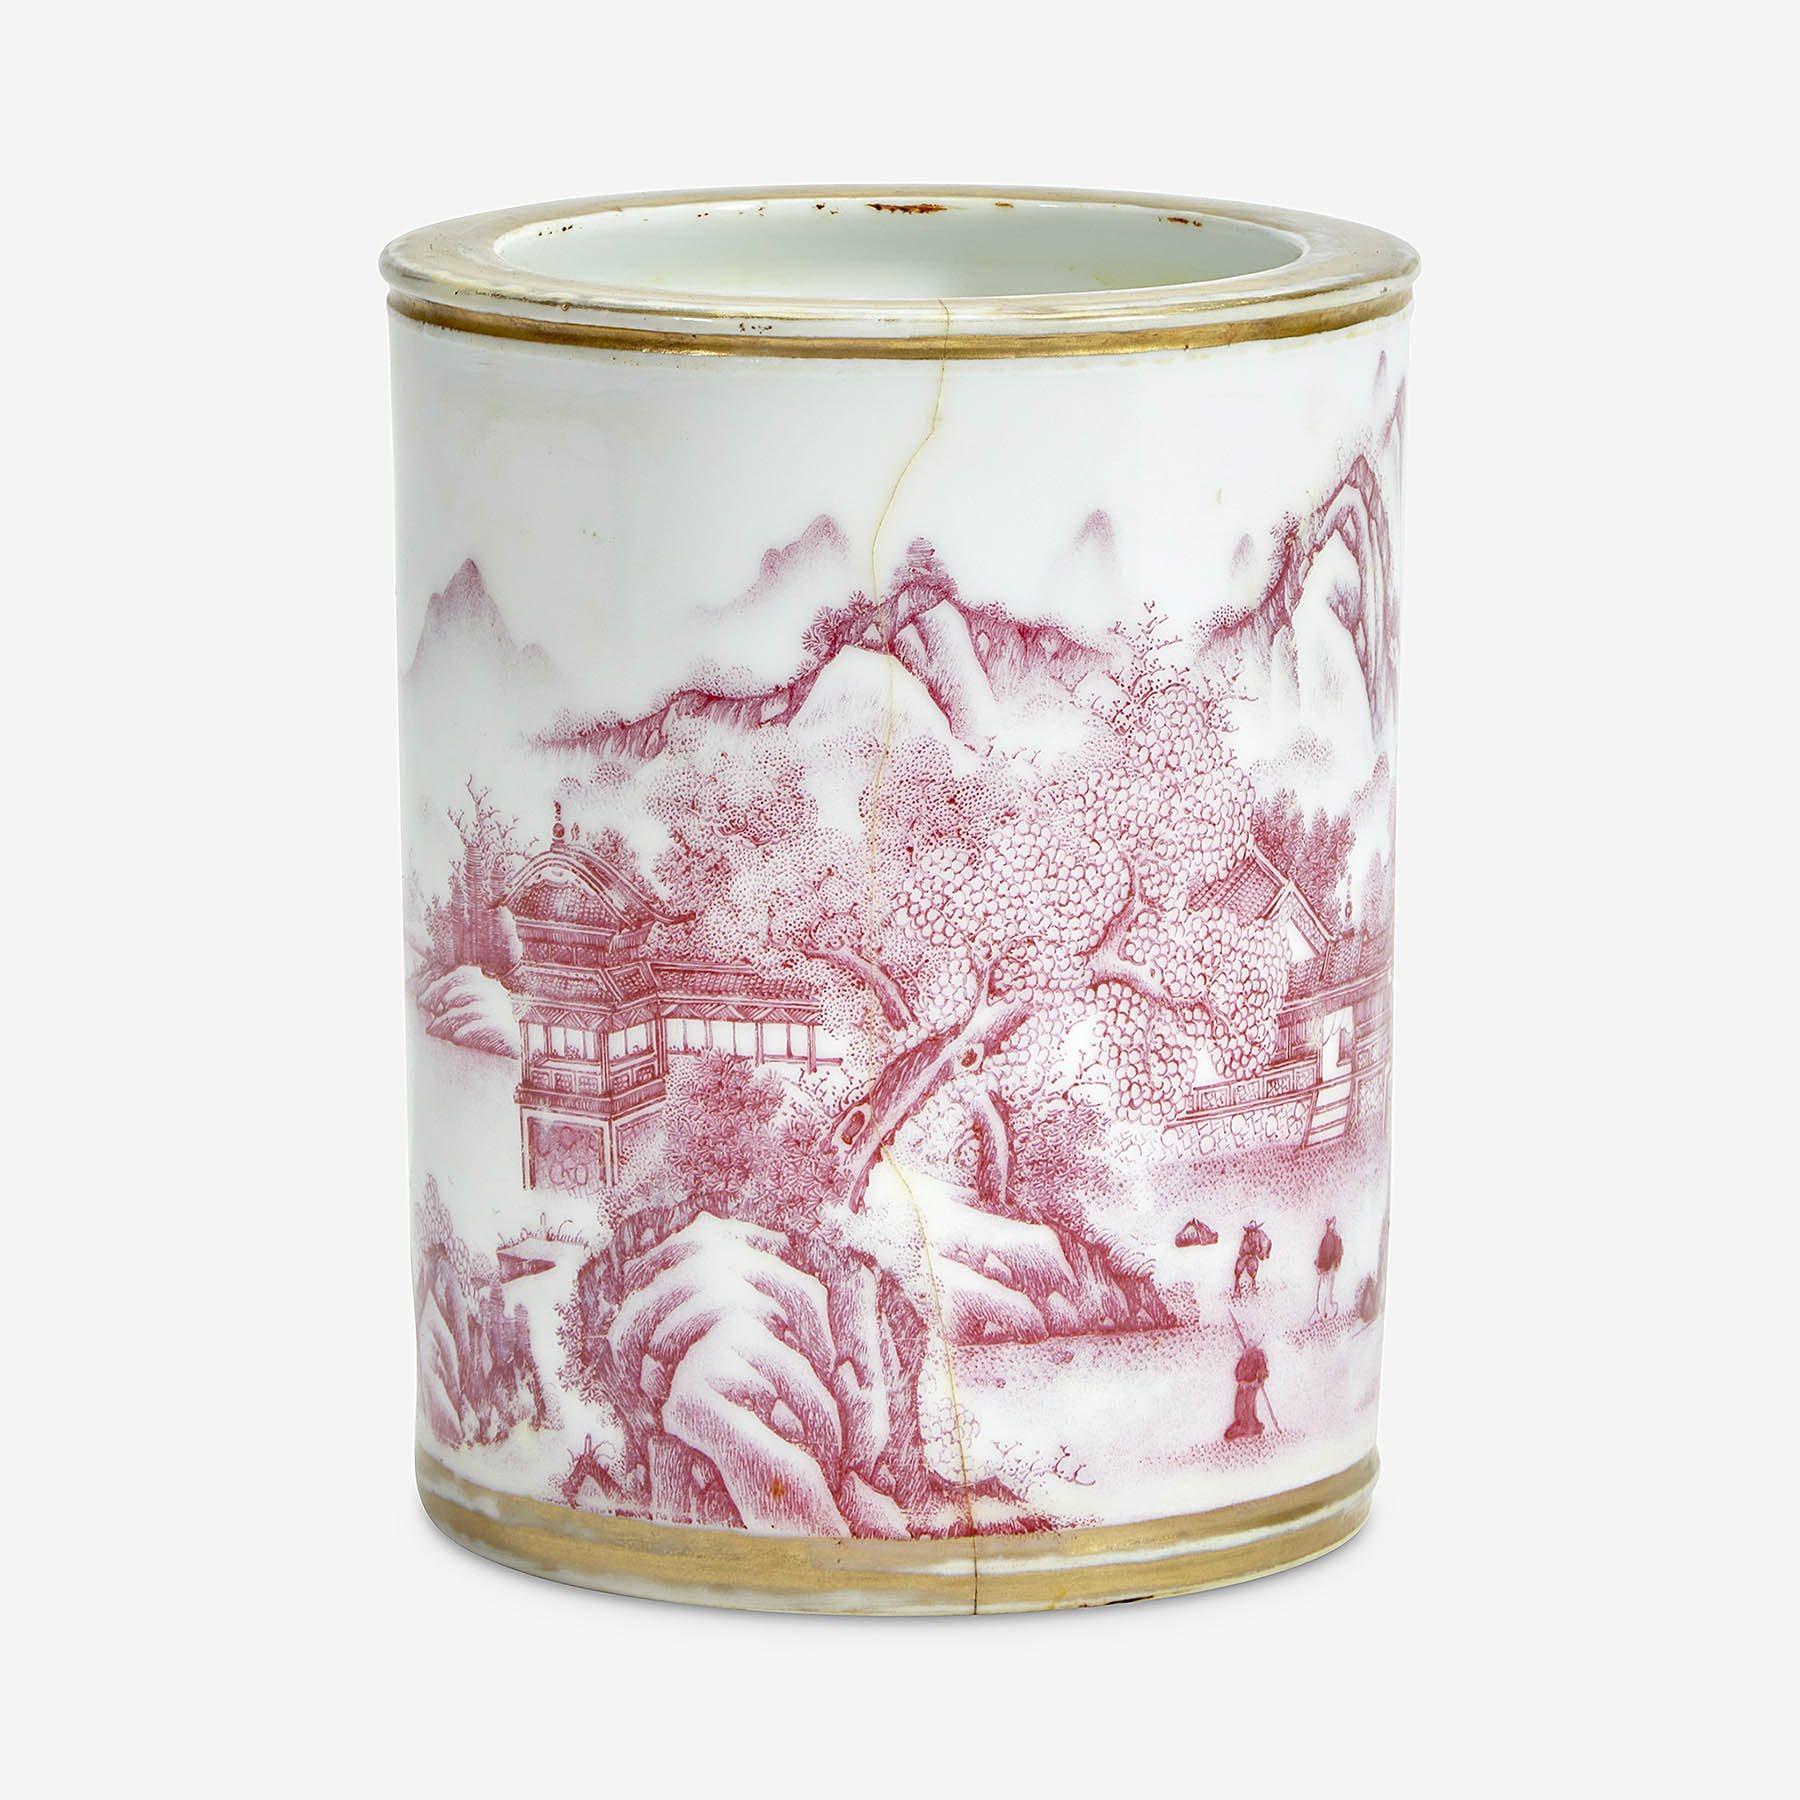 Chinese puce-enameled porcelain cylindrical brush pot